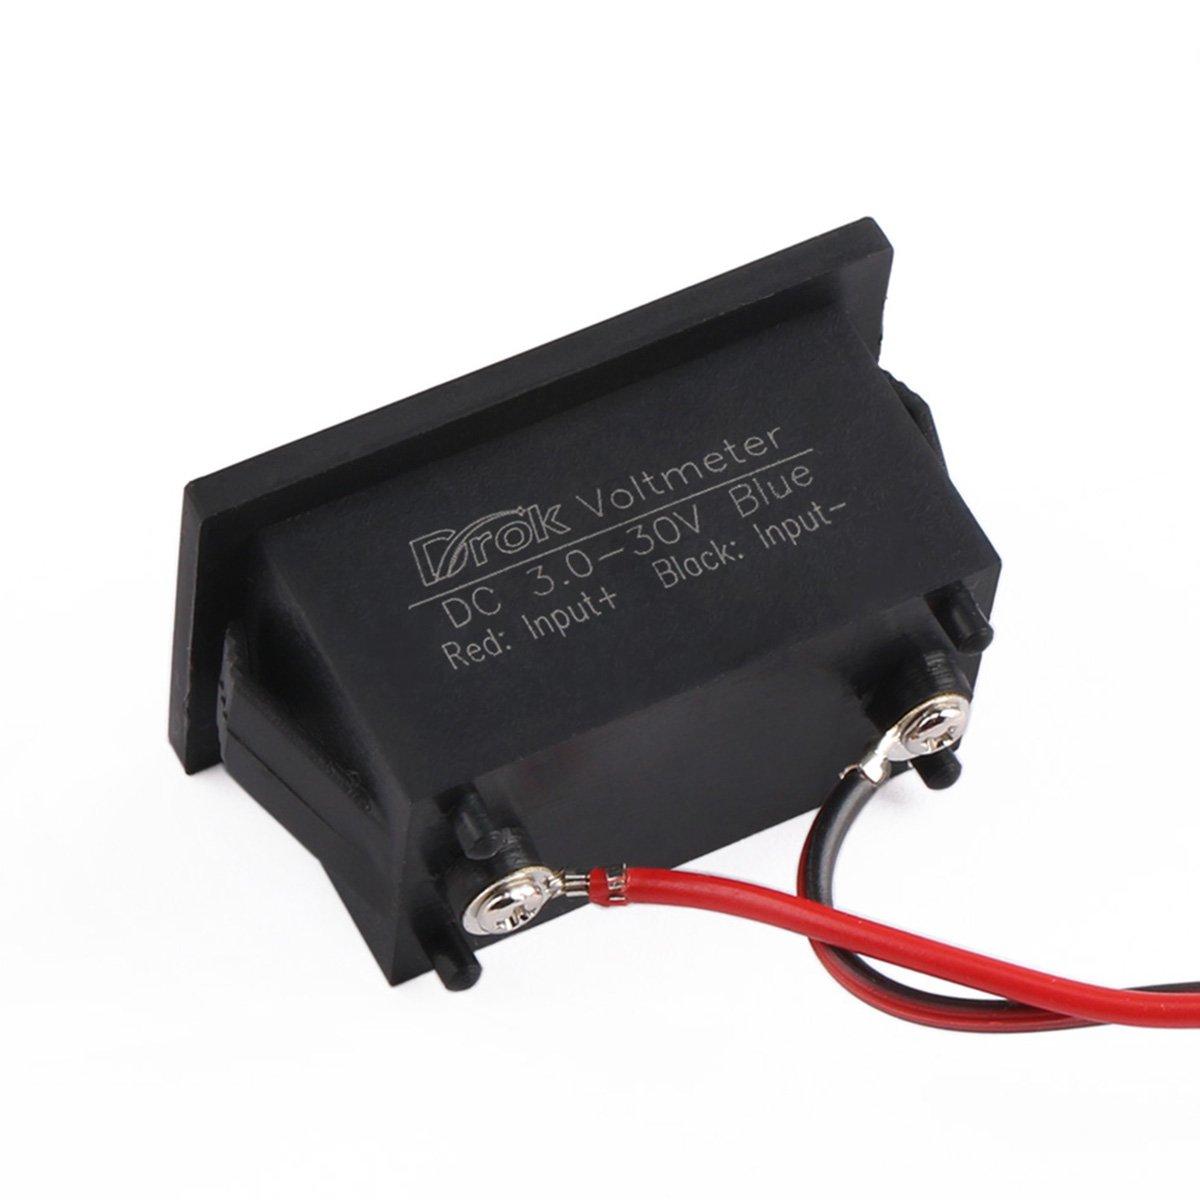 Drok Waterproof Led Digital Voltmeter 040 Dc 3 30v Display Besides Circuit Voltage Meter Gauge Panel 12v 24v Volt Tester Power Monitor With 2 Wires Blue